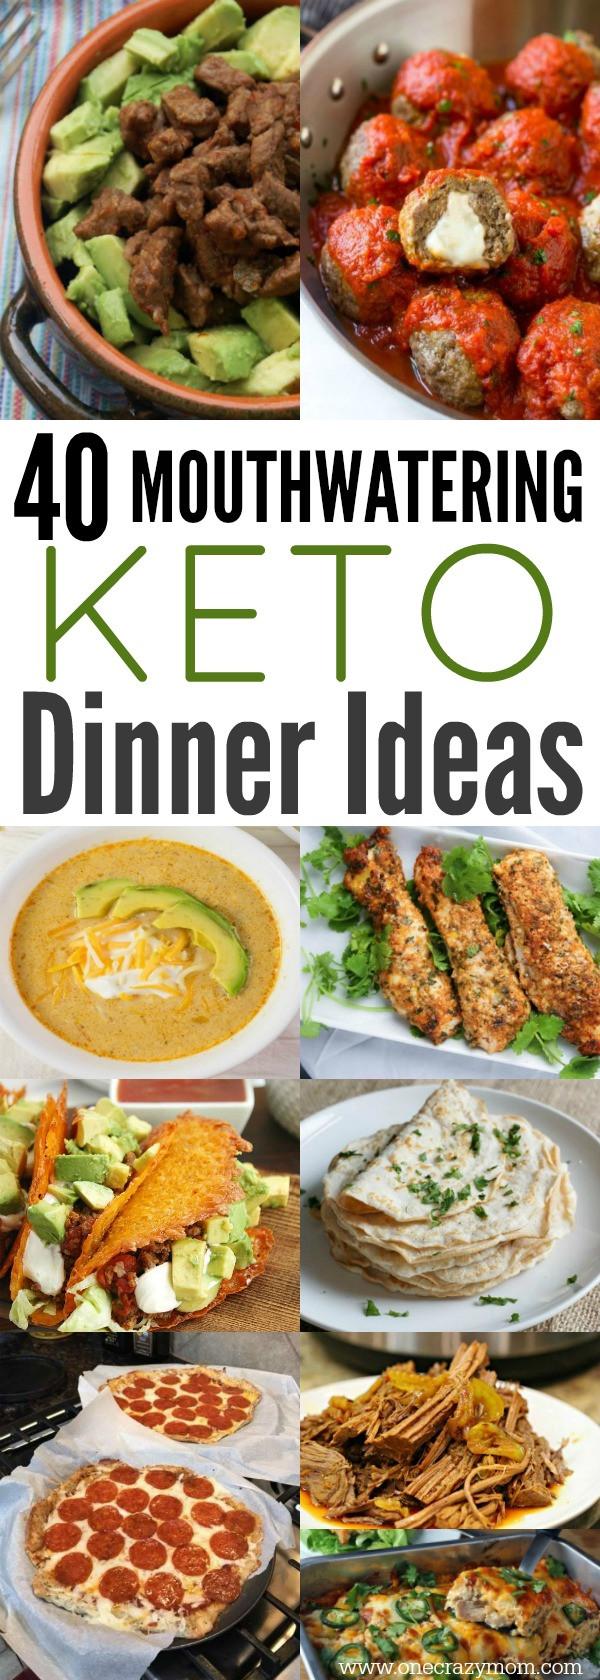 Keto Dinner Ideas Easy  Easy Keto Dinner Ideas 40 Easy Keto Dinner Recipes